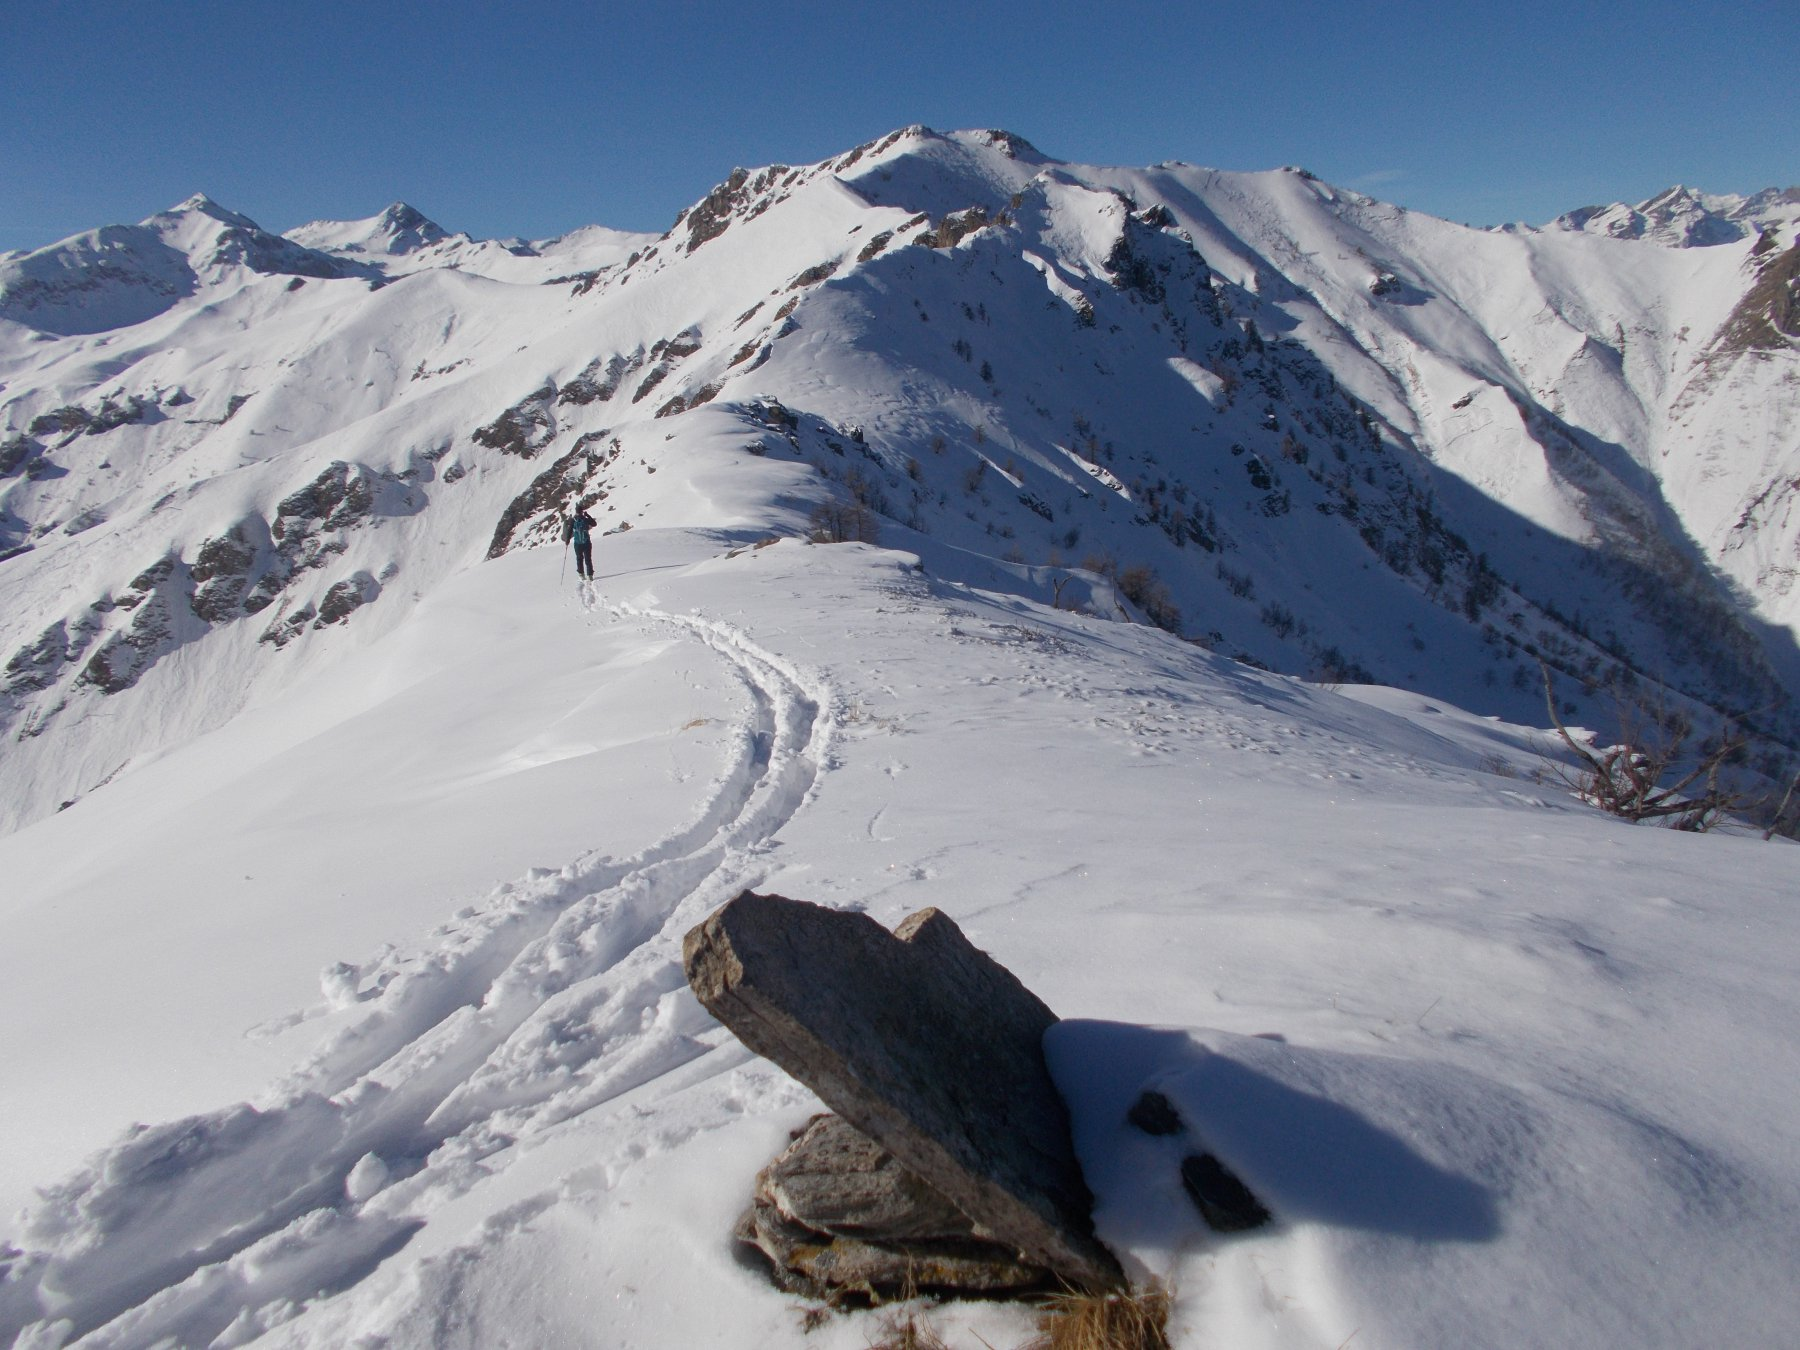 dal Plum davanti a noi i due km di cresta che non saranno tutti facili come da qui sembrano..